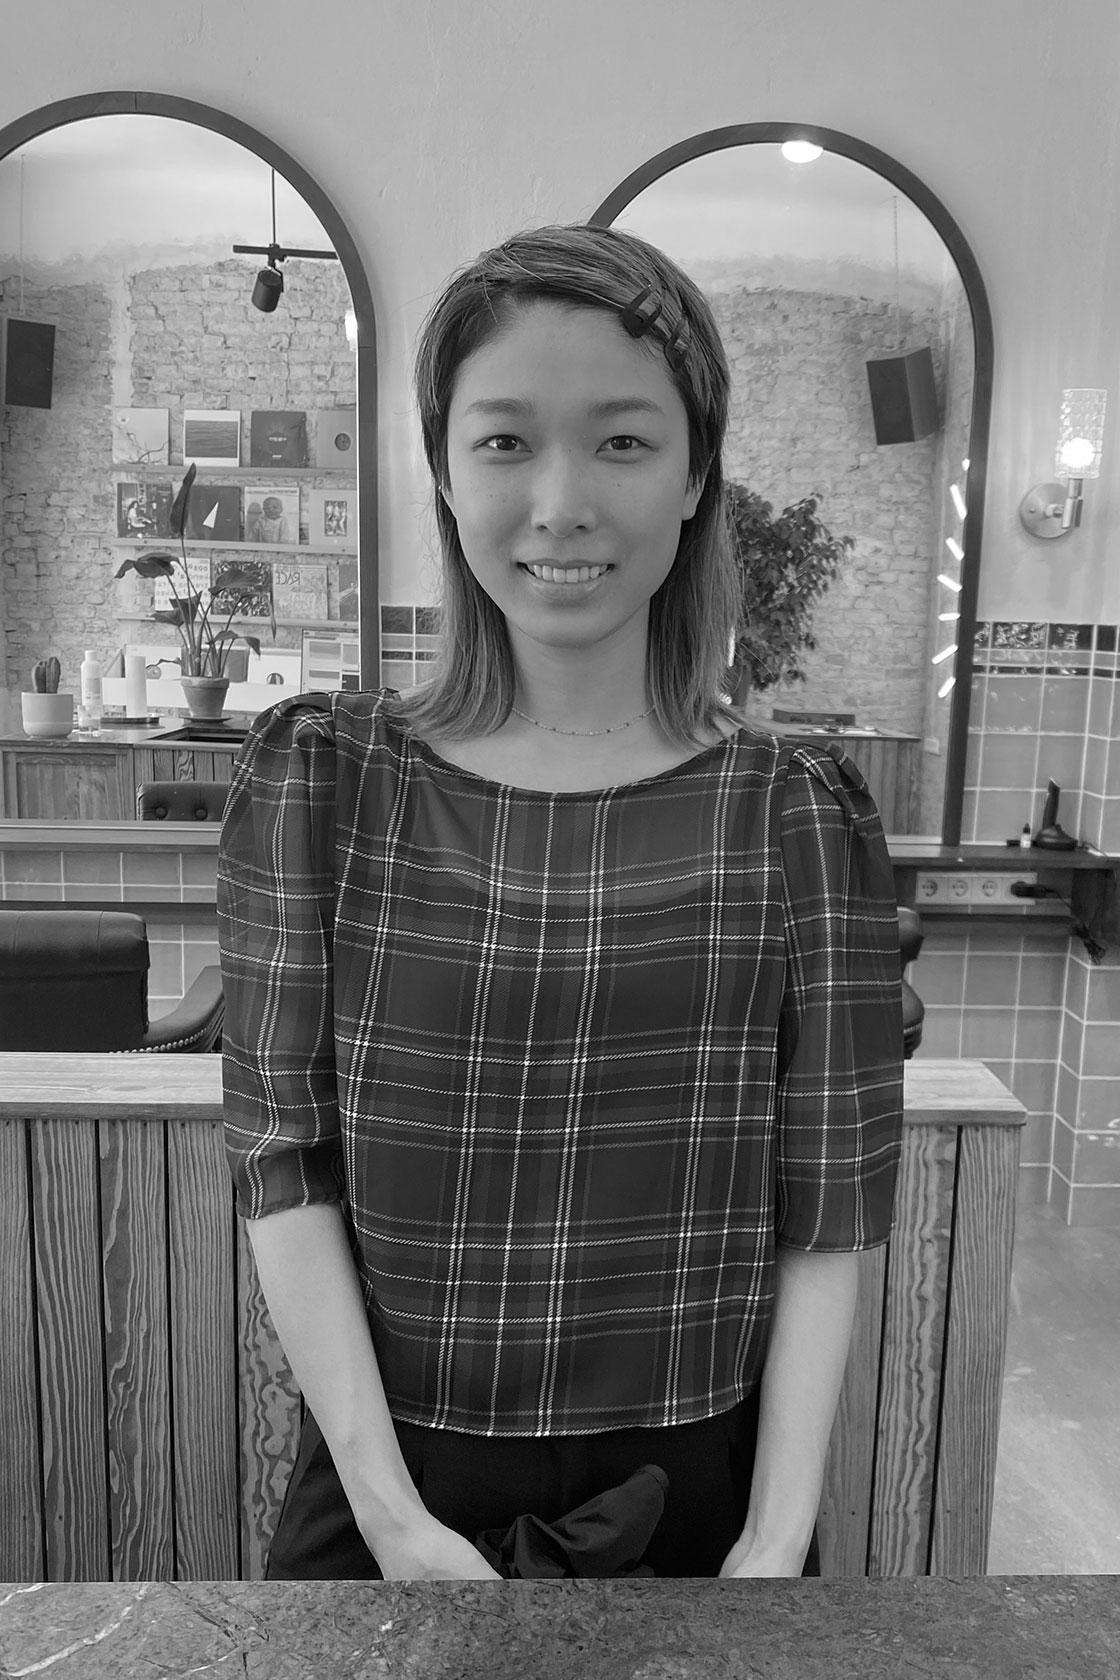 Anri hair salon assistant in Moabit Berlin